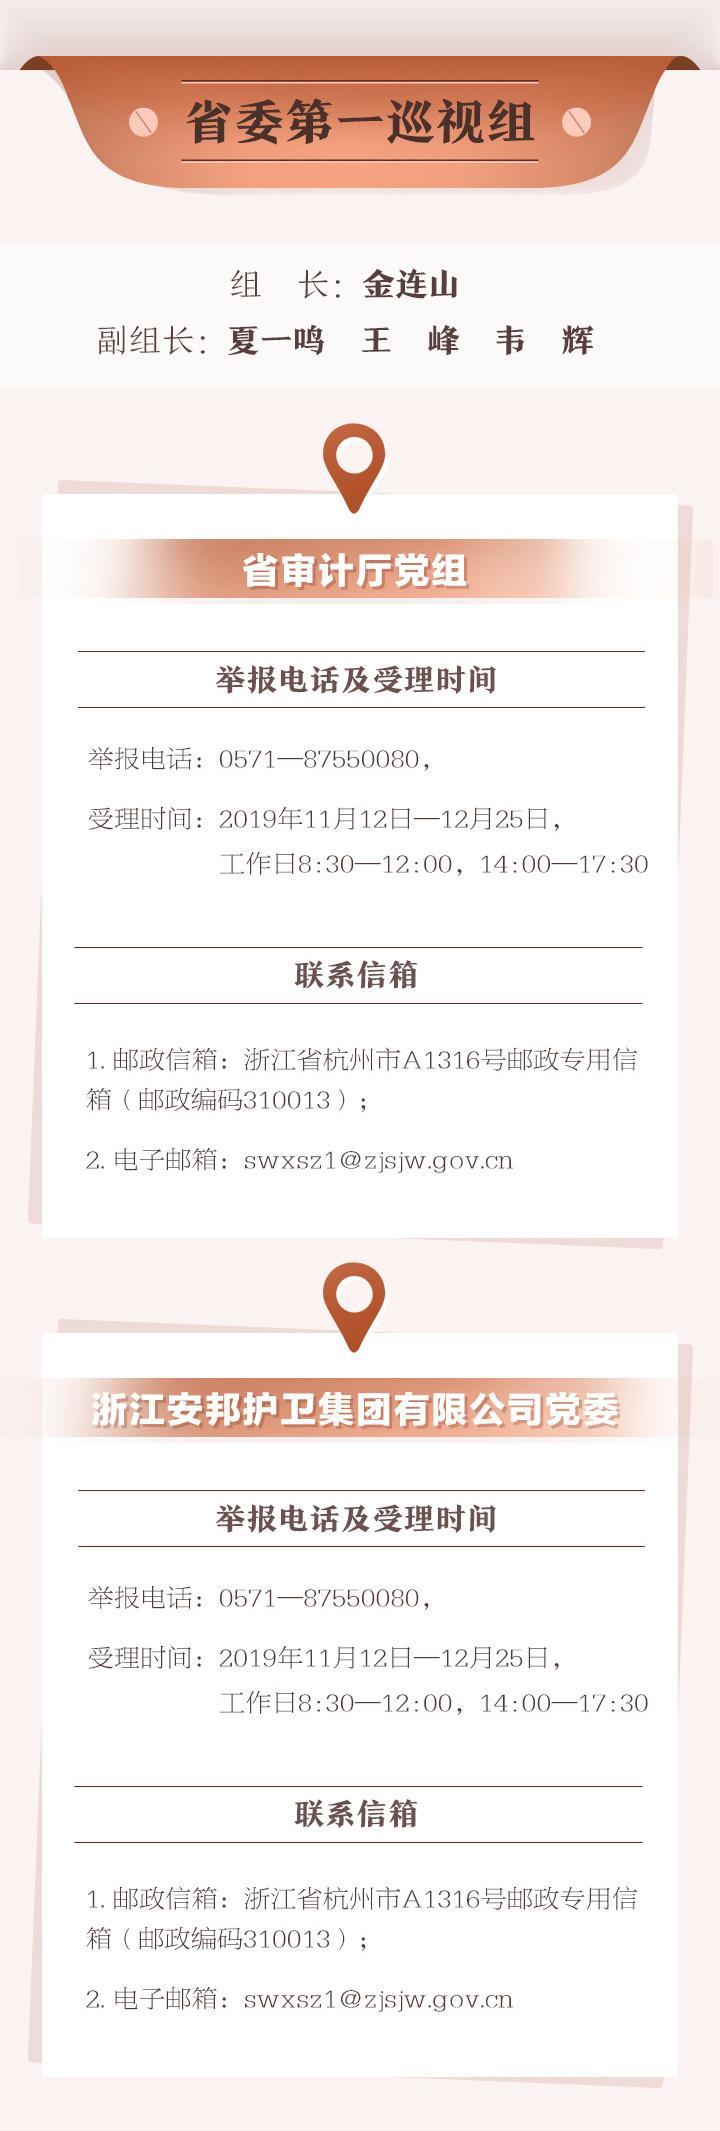 十四届省委第七轮巡视进驻情况一览表_02.jpg